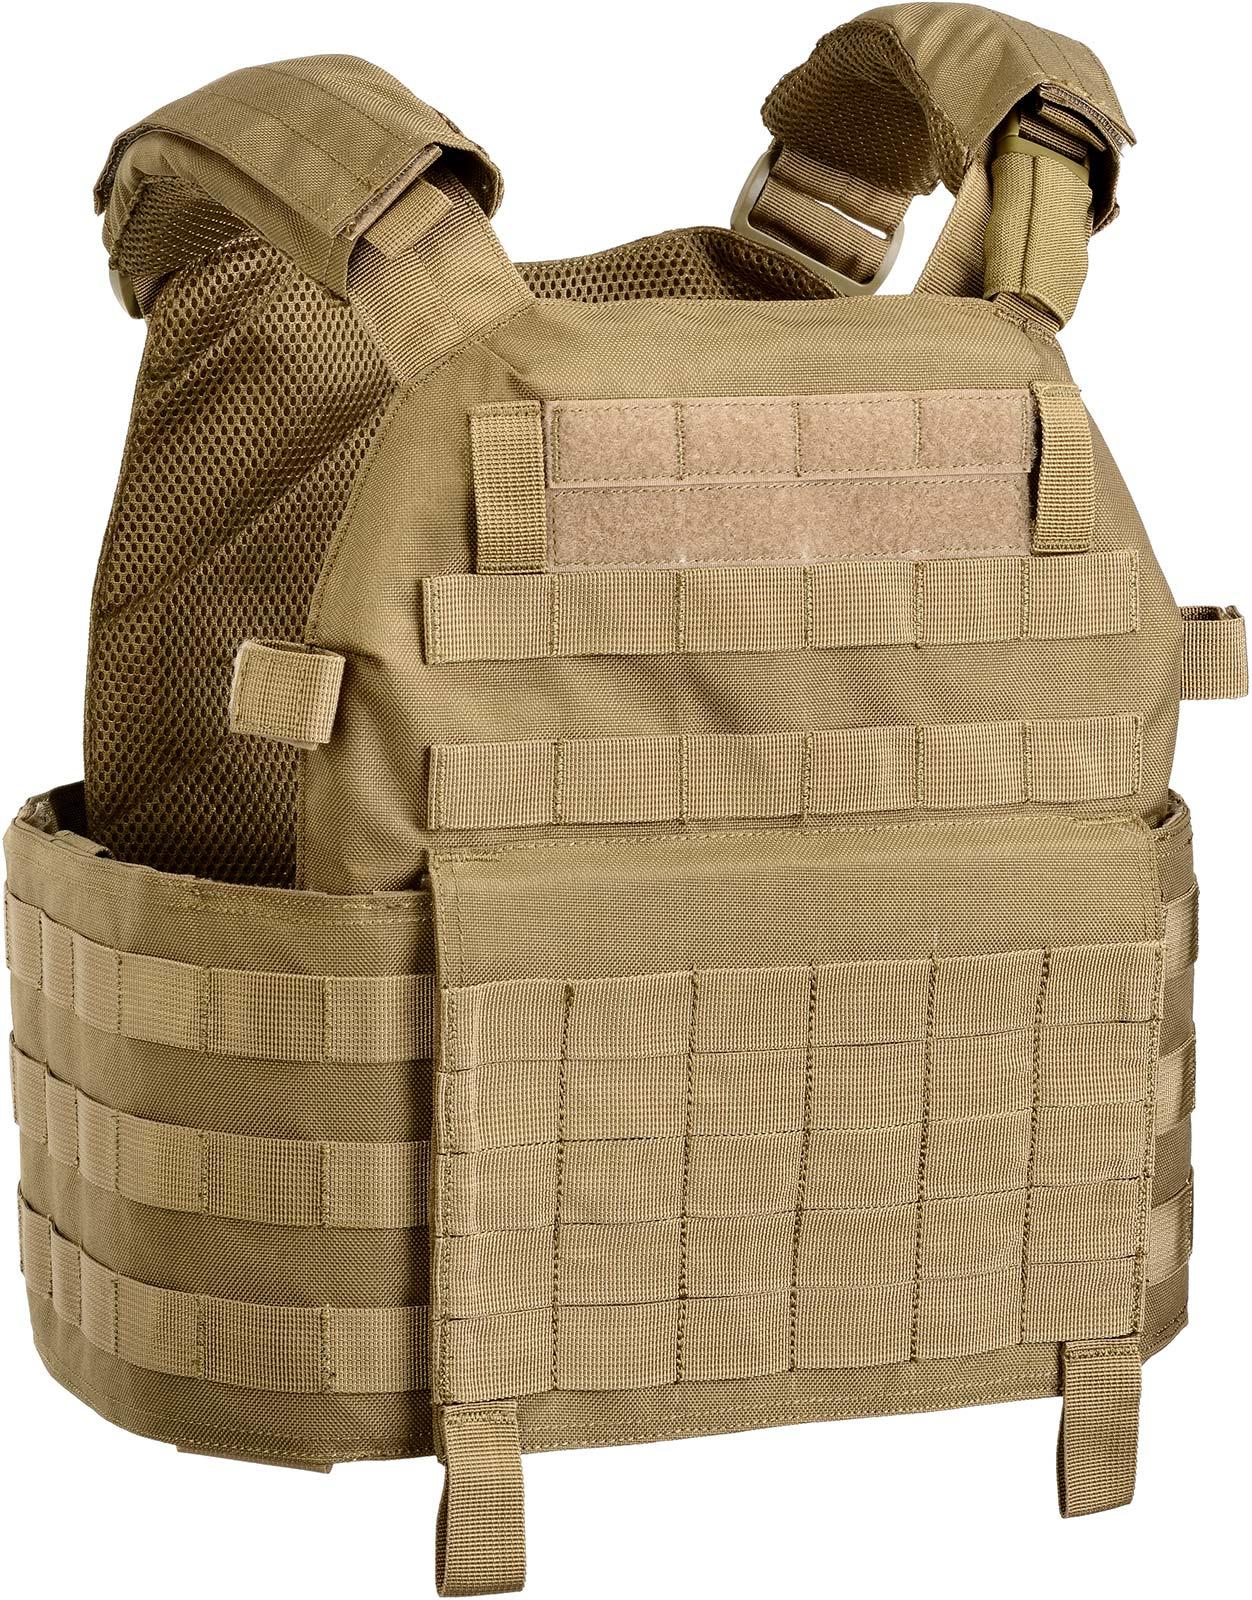 Vest carrier con belt CT